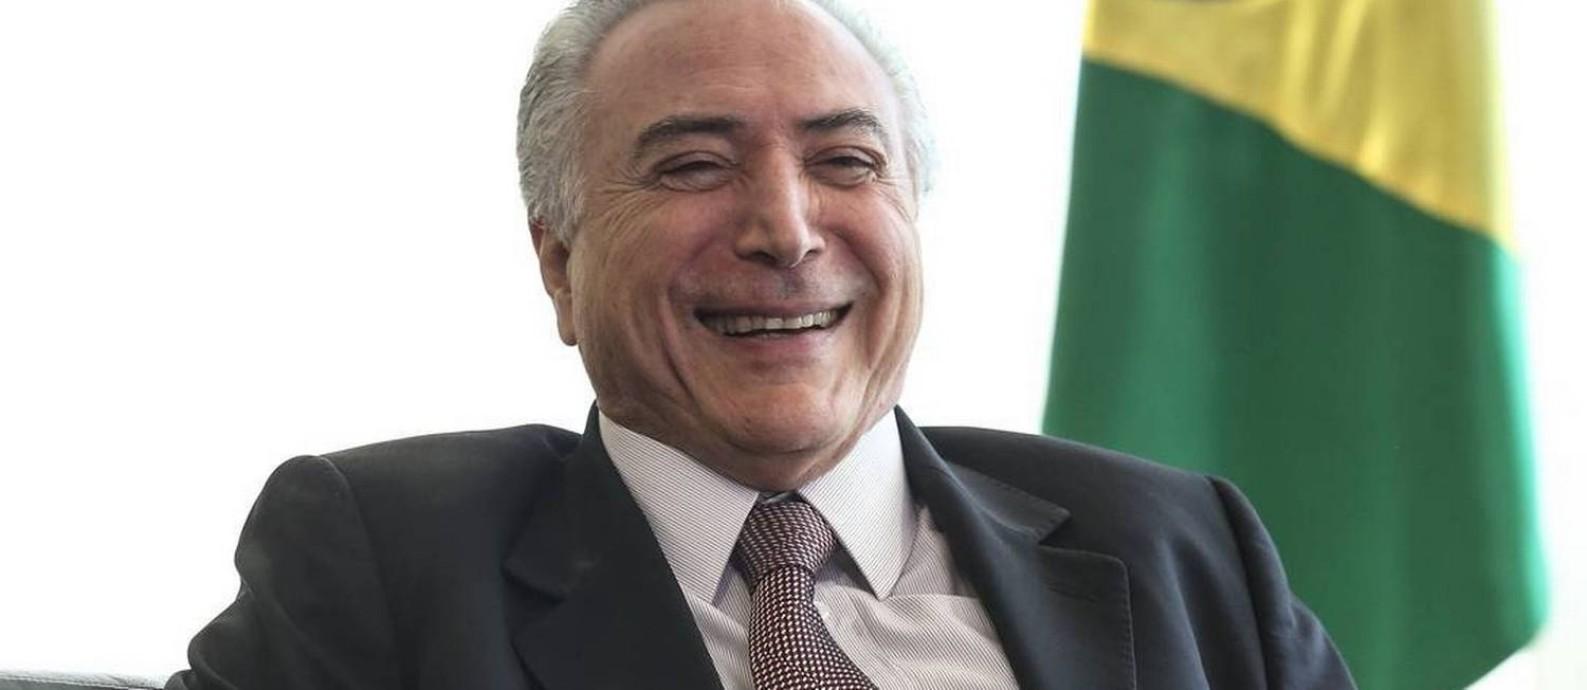 Temer: leitura sobre o enfraquecimento das instituições Foto: Andre Coelho / Agência O Globo